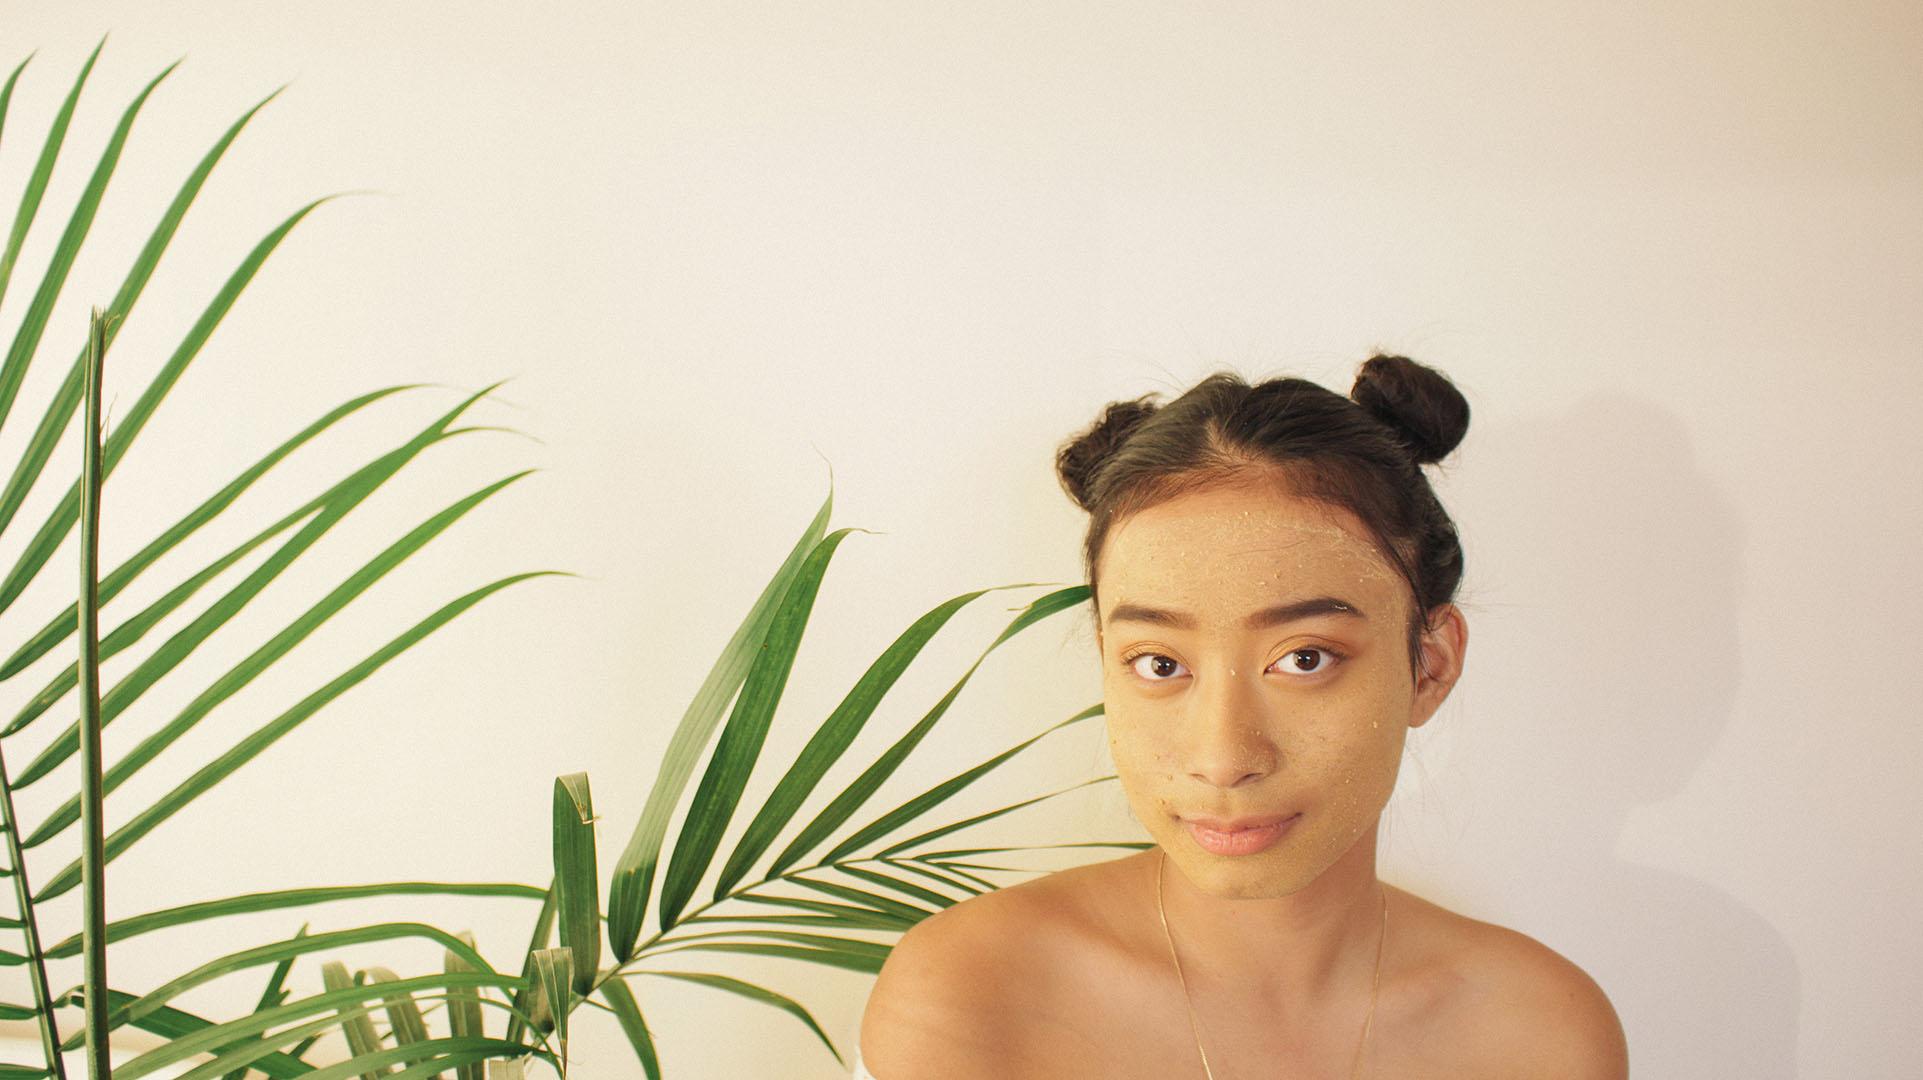 The Good Care - Botanical Facials